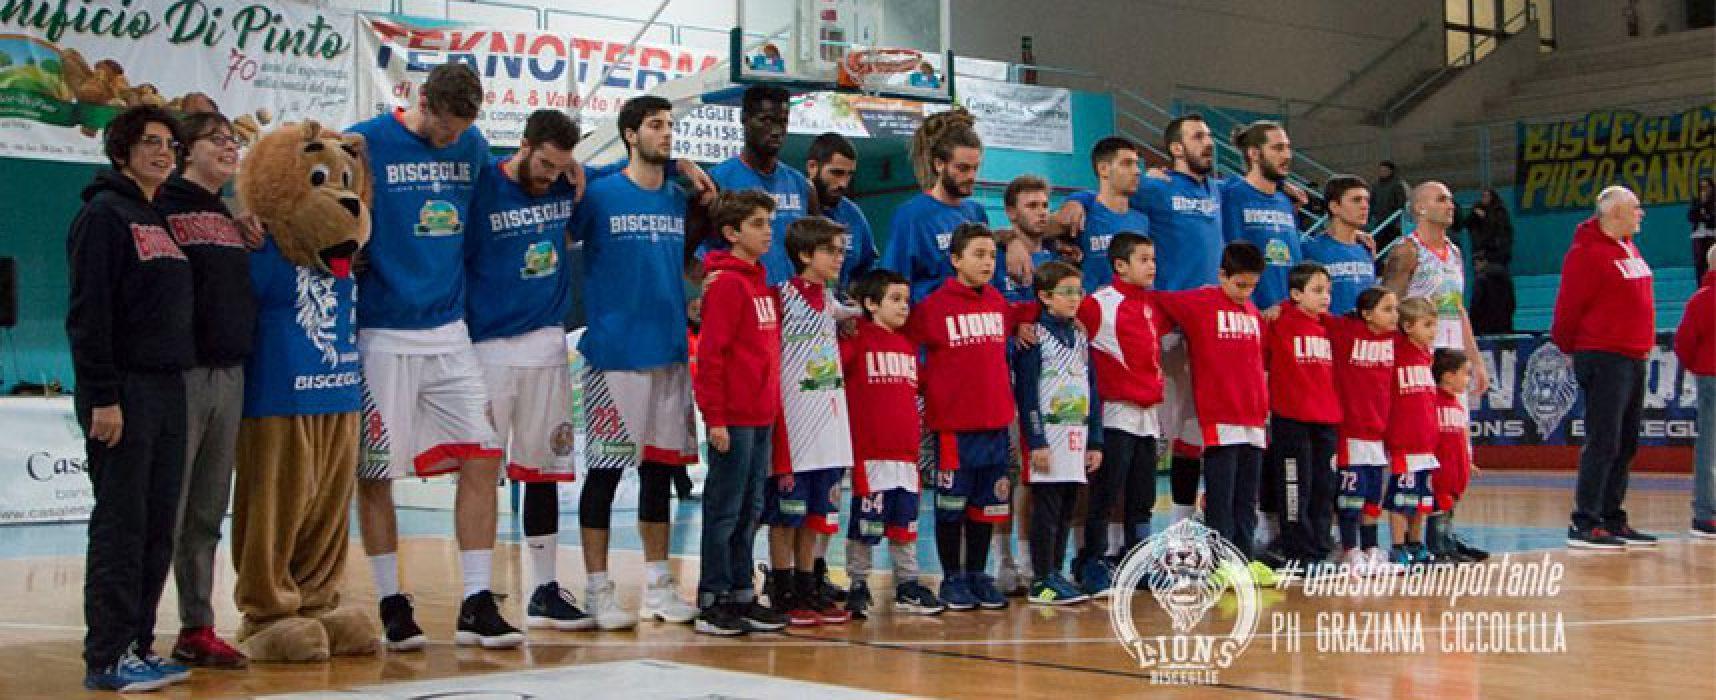 Basket, Panifici Di Pinto contro Civitanova a caccia della settima